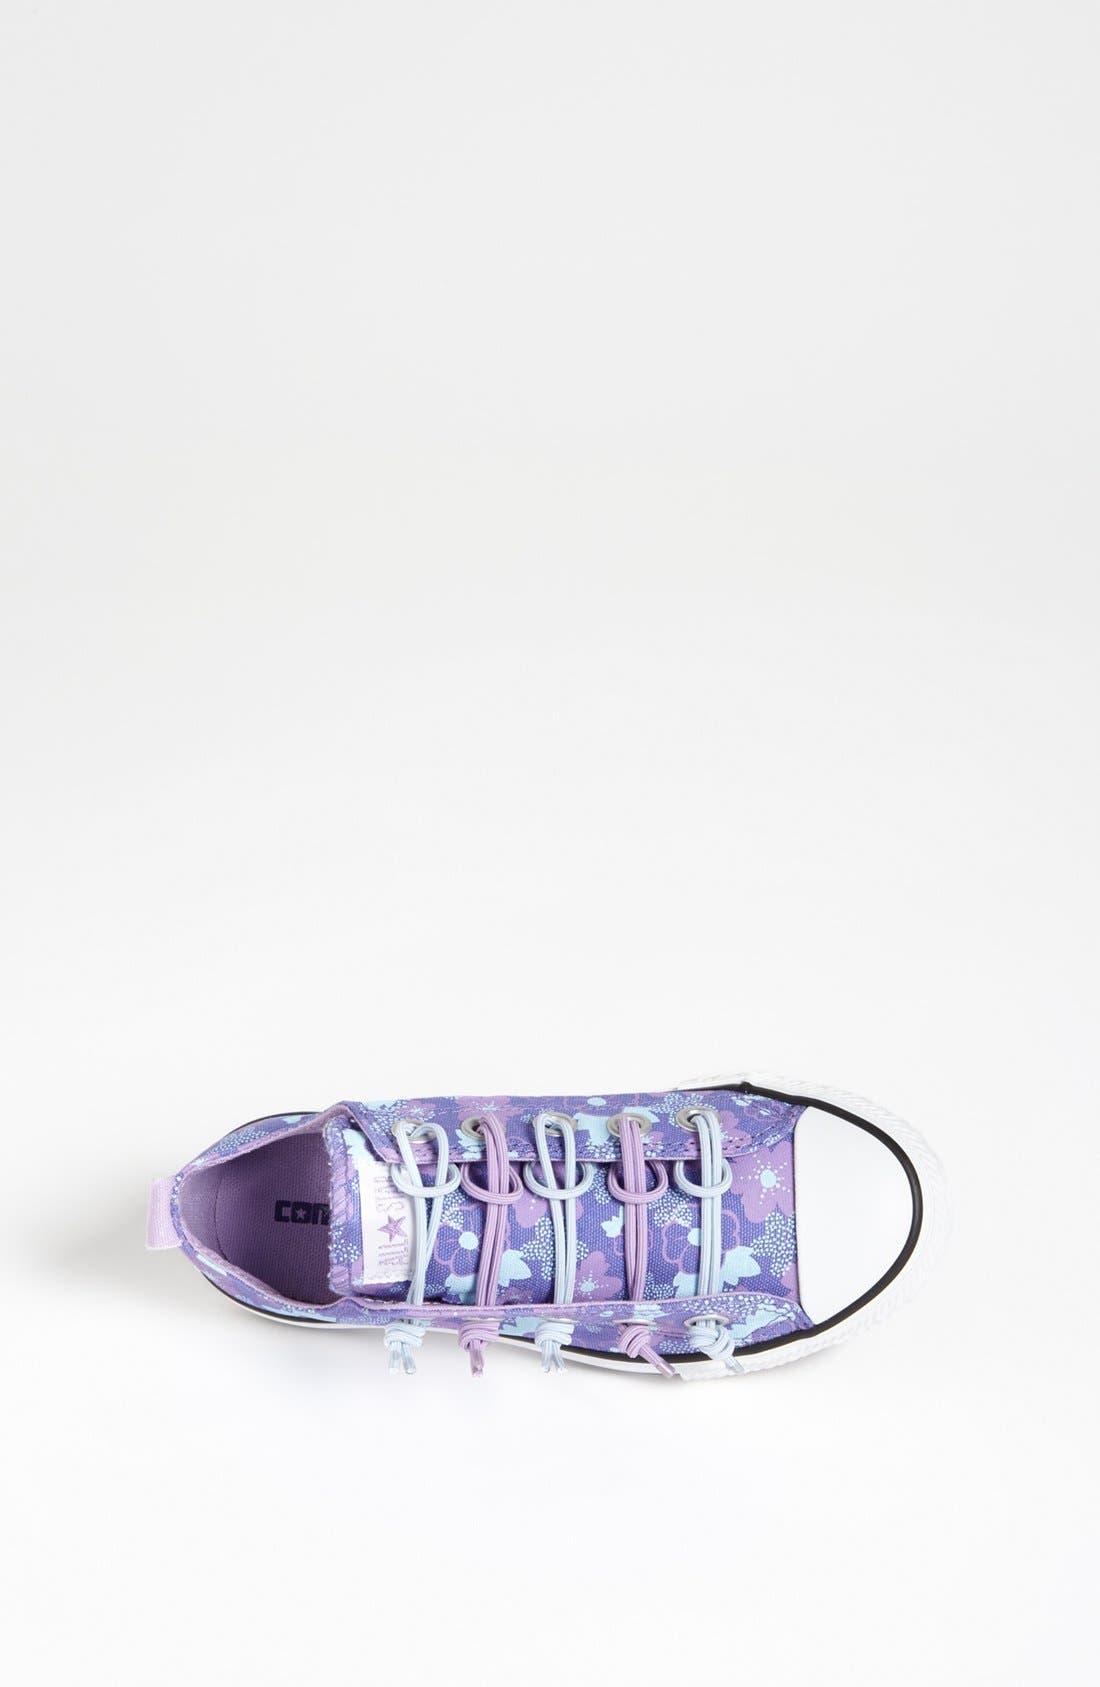 Alternate Image 3  - Converse 'Loop 2 Knot' Sneaker (Toddler, Little Kid & Big Kid)